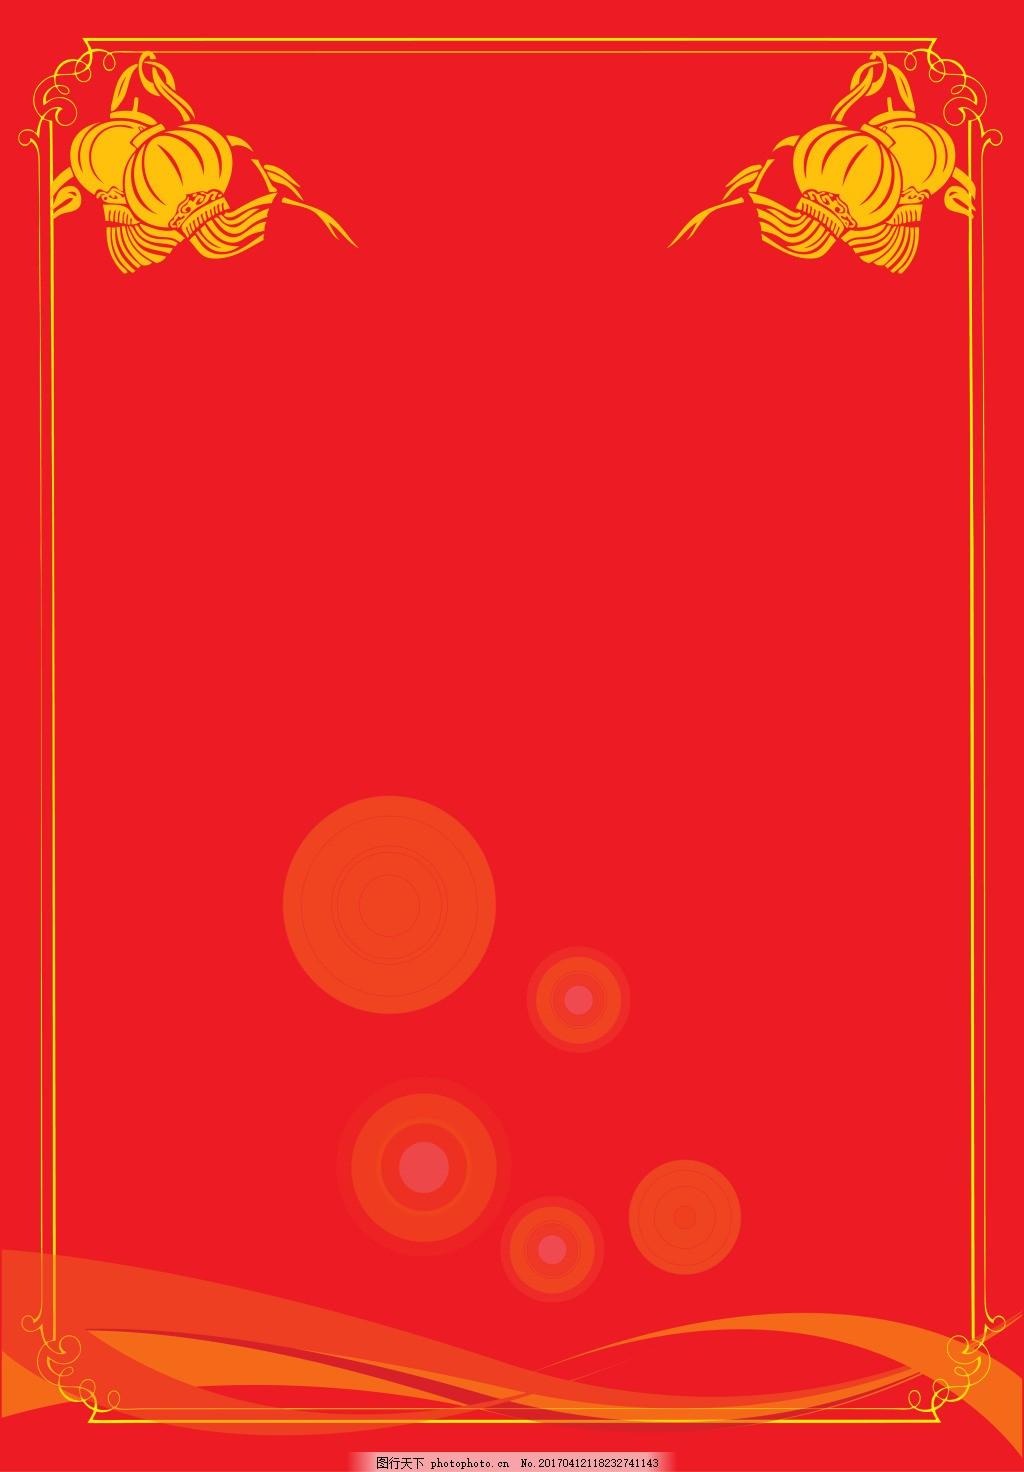 手绘灯笼红色背景